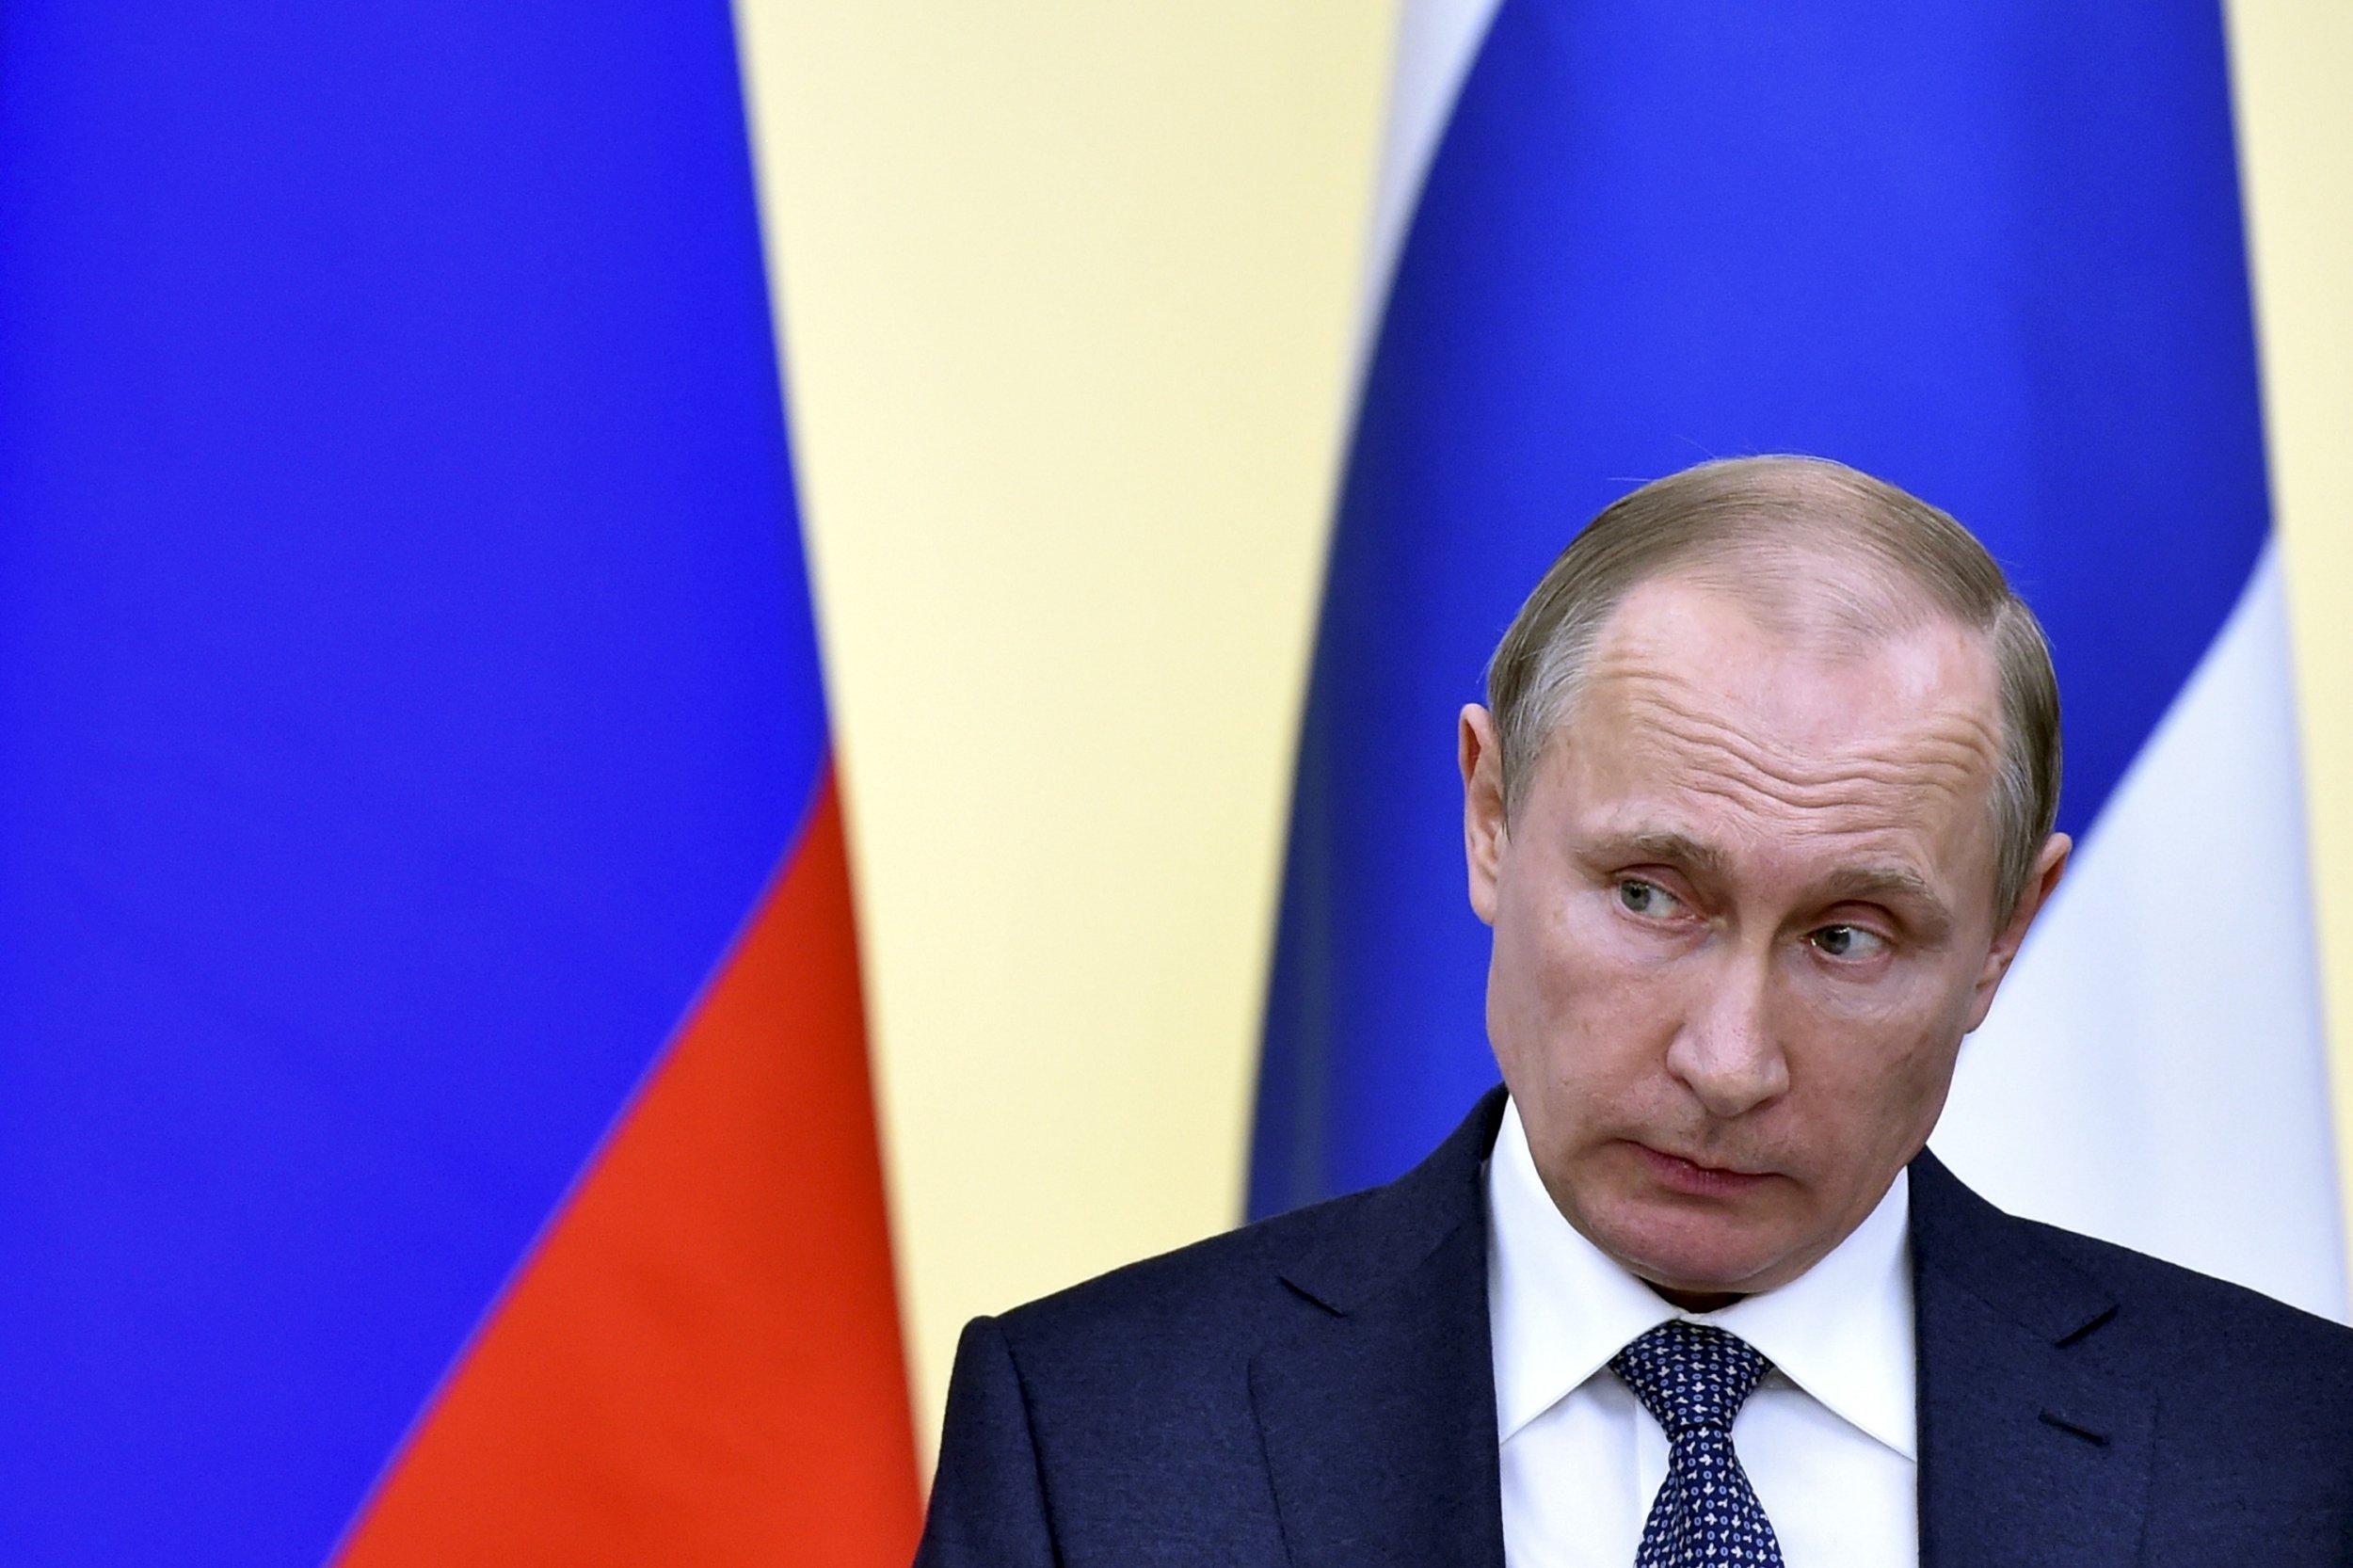 03_24_Putin_Weakness_01